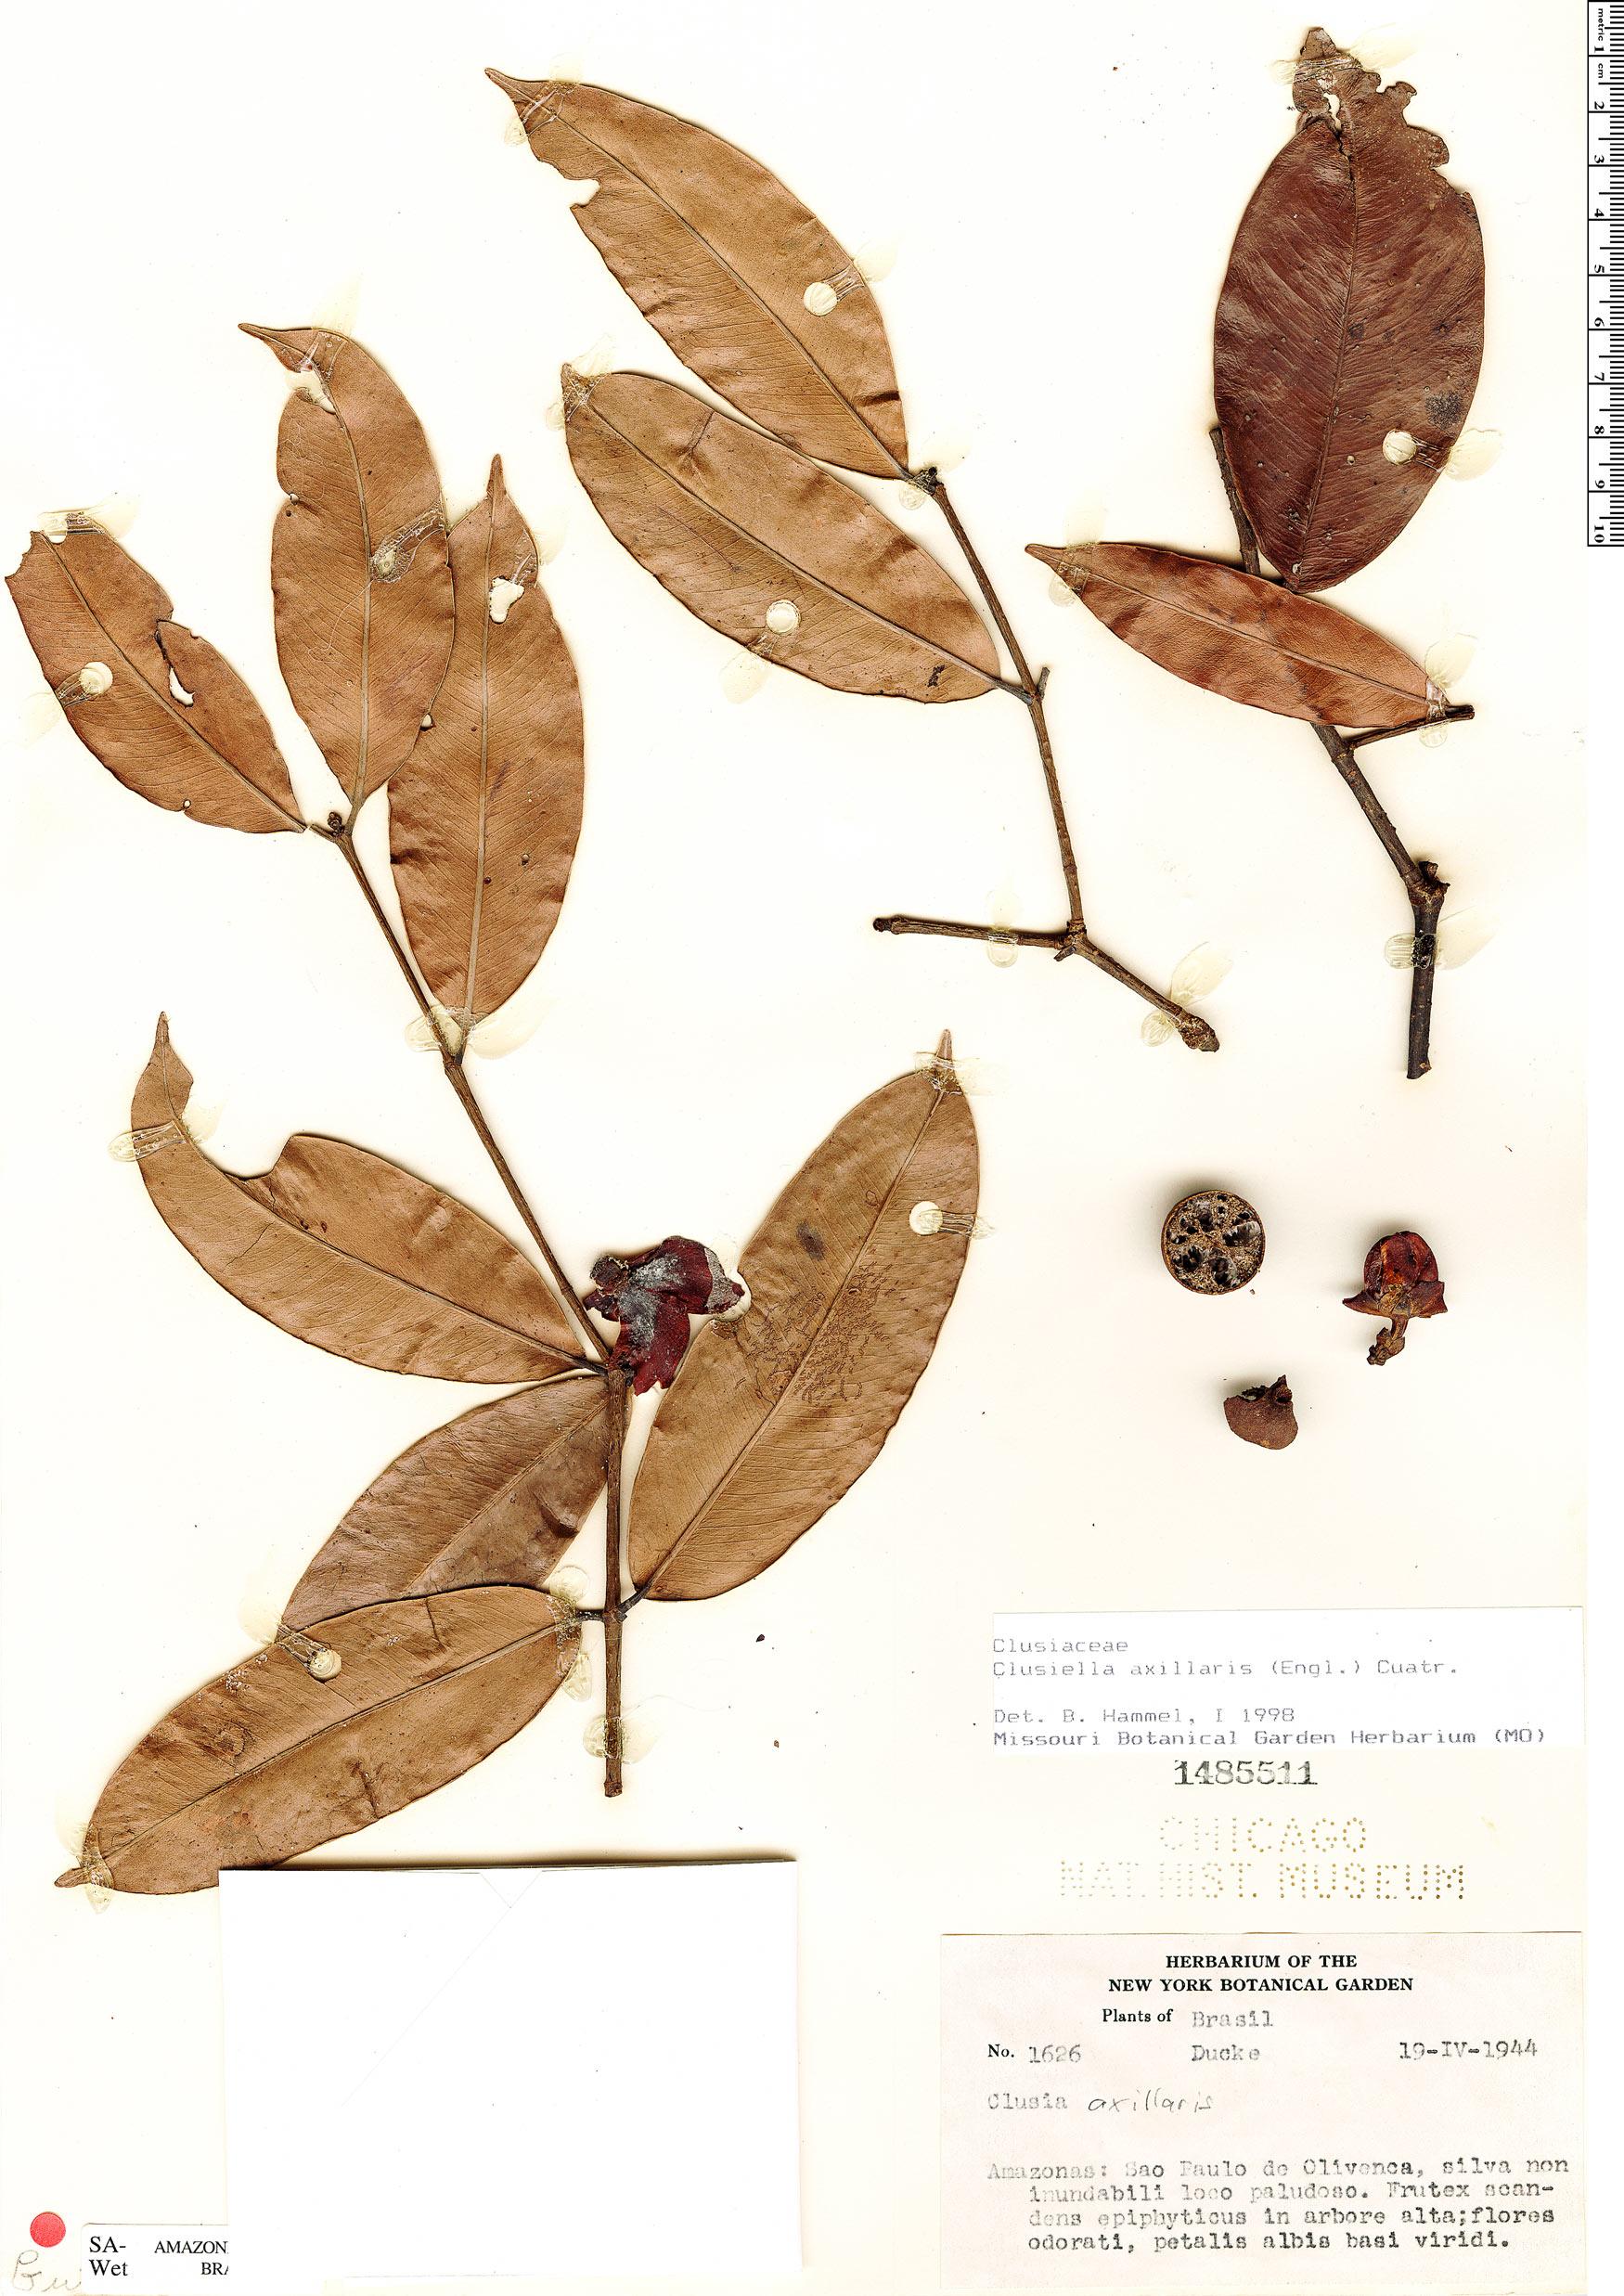 Specimen: Clusiella axillaris